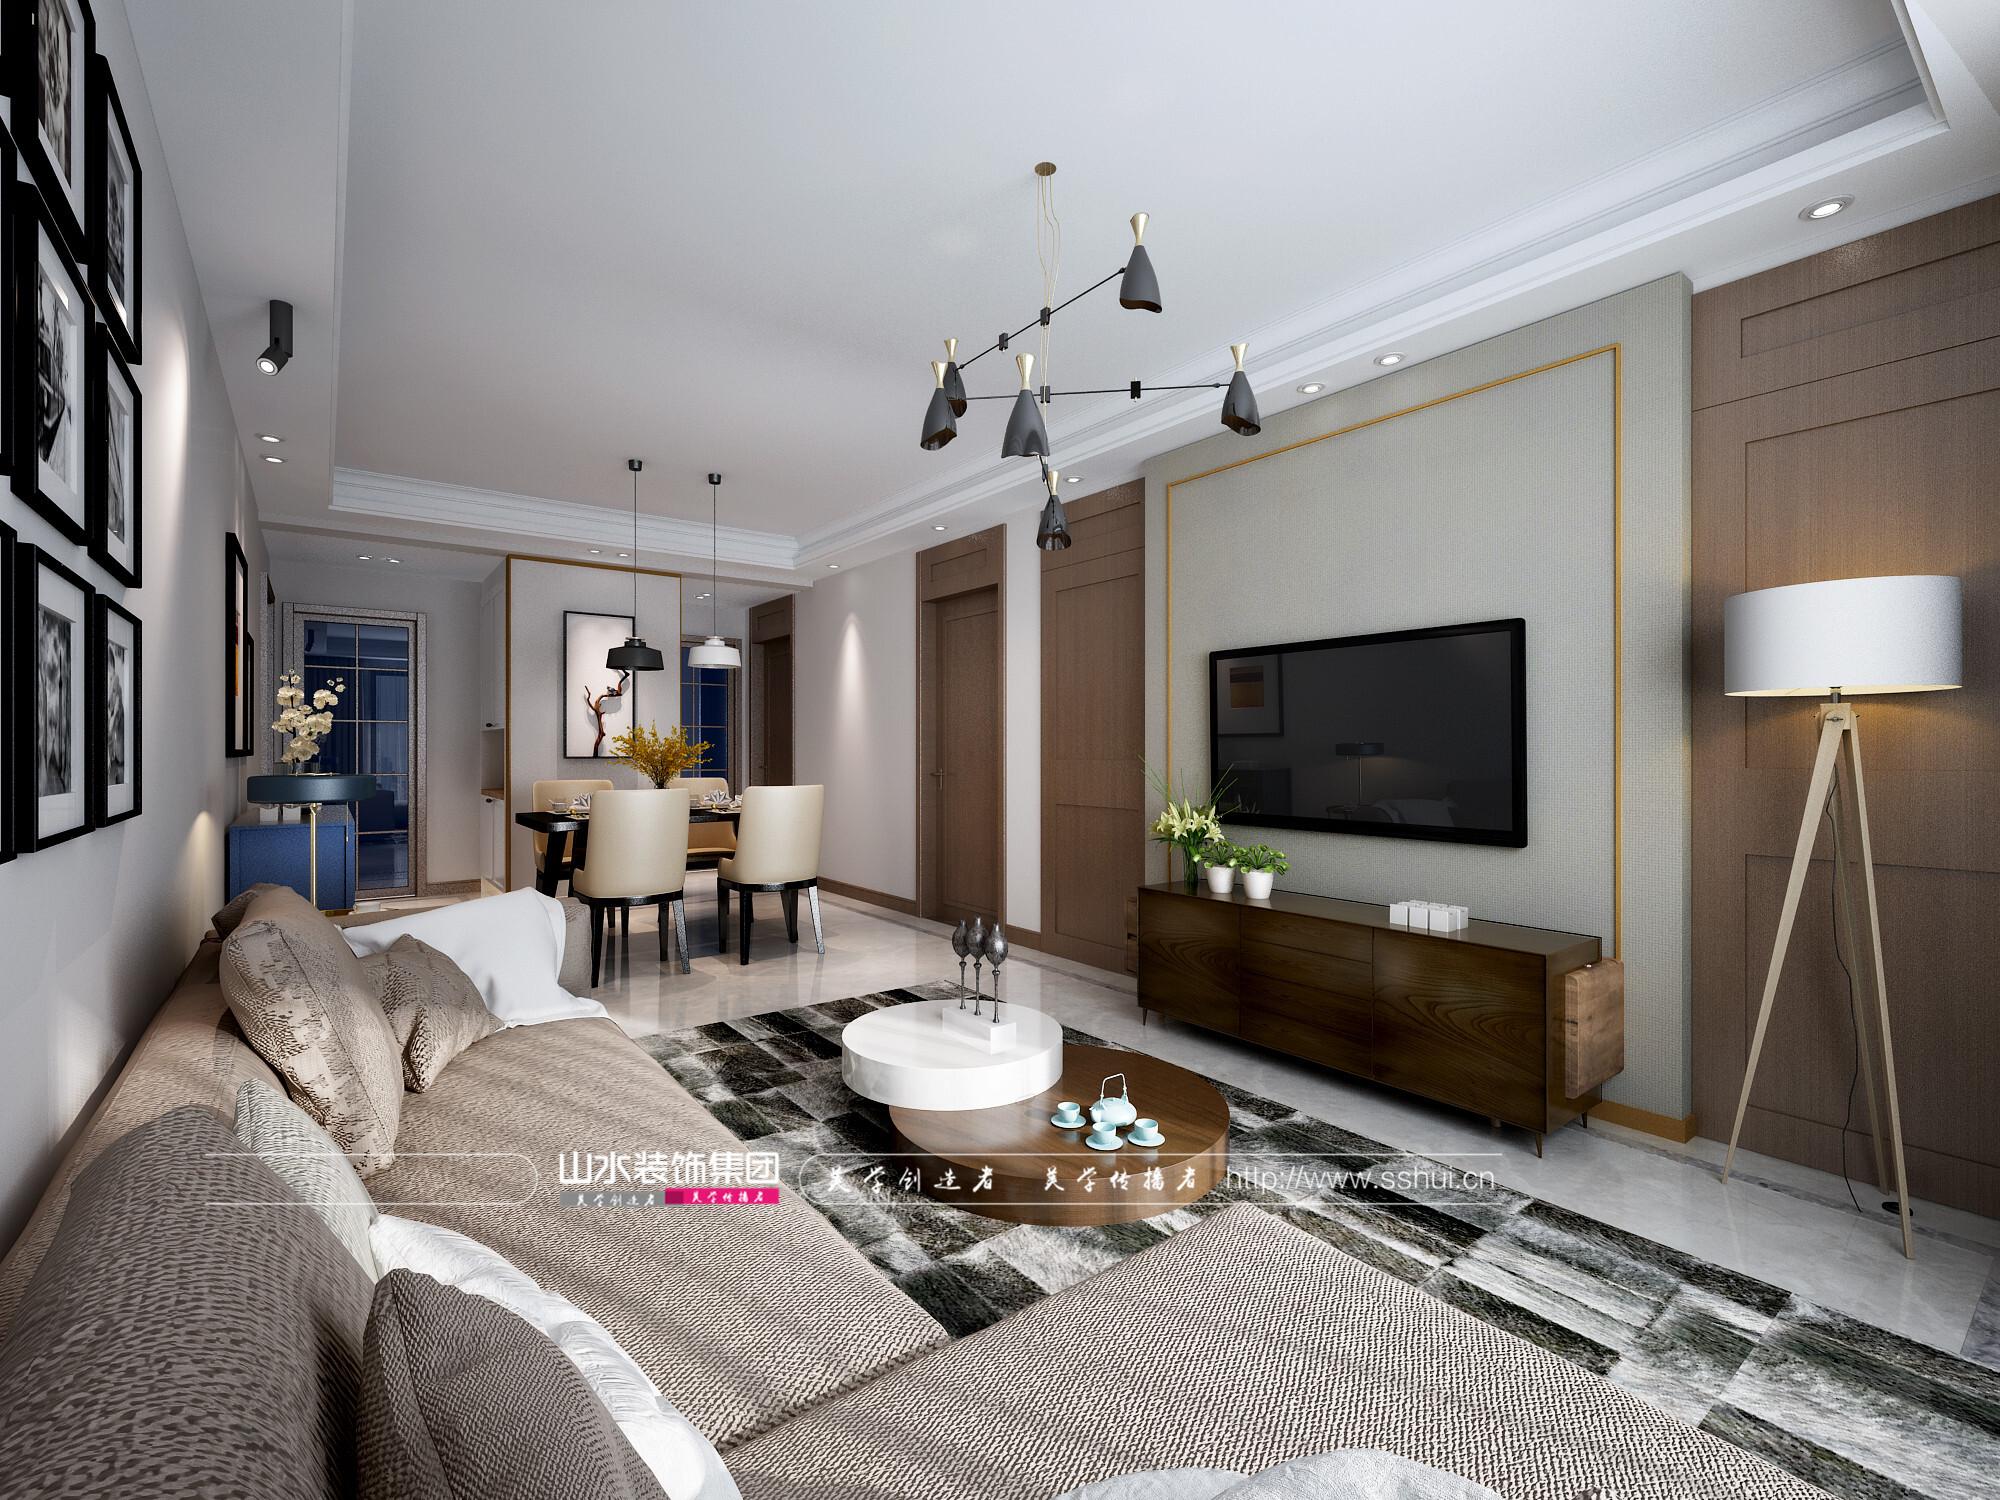 藏龙阁三室两厅105㎡现代风格装修效果图